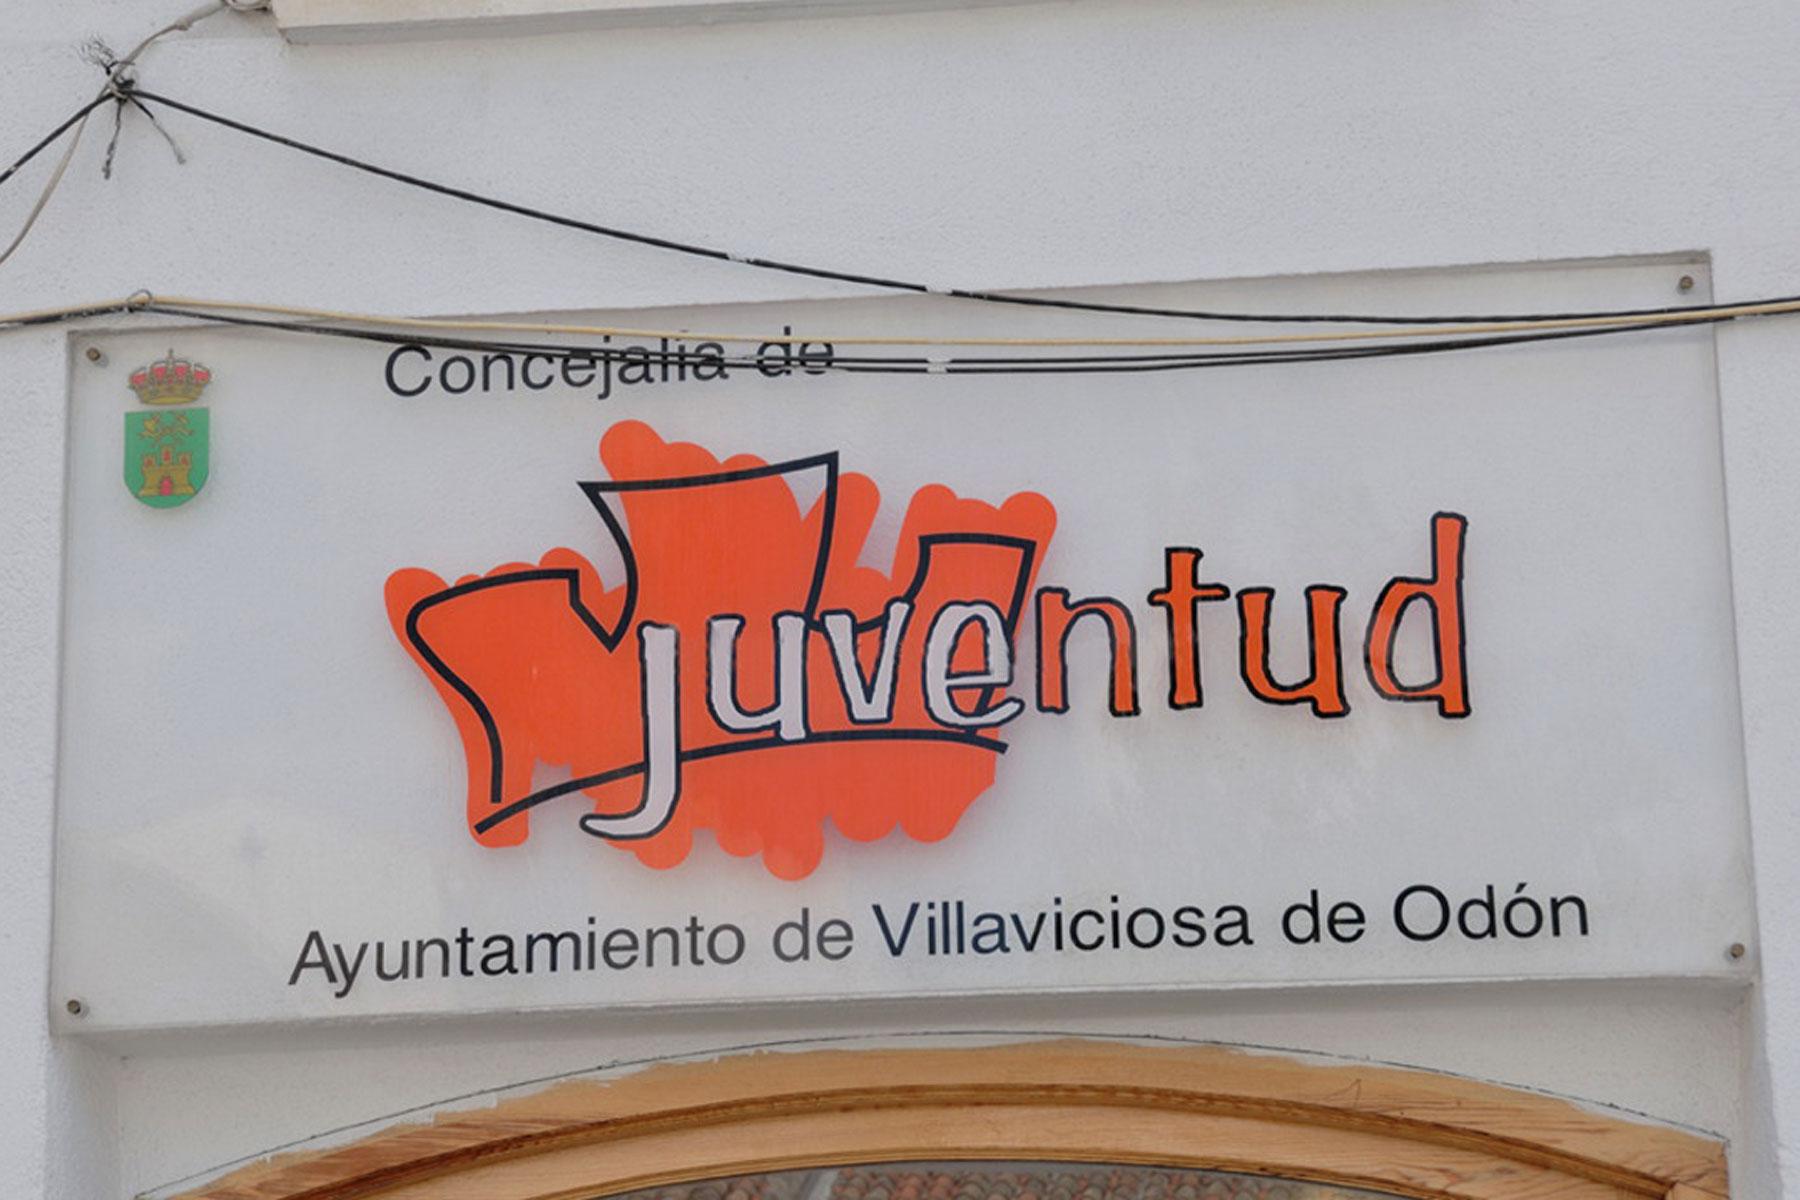 Cerrada desde hace 12 años, sus actividades de desarrollan, actualmente, en el centro Miguel Delibes